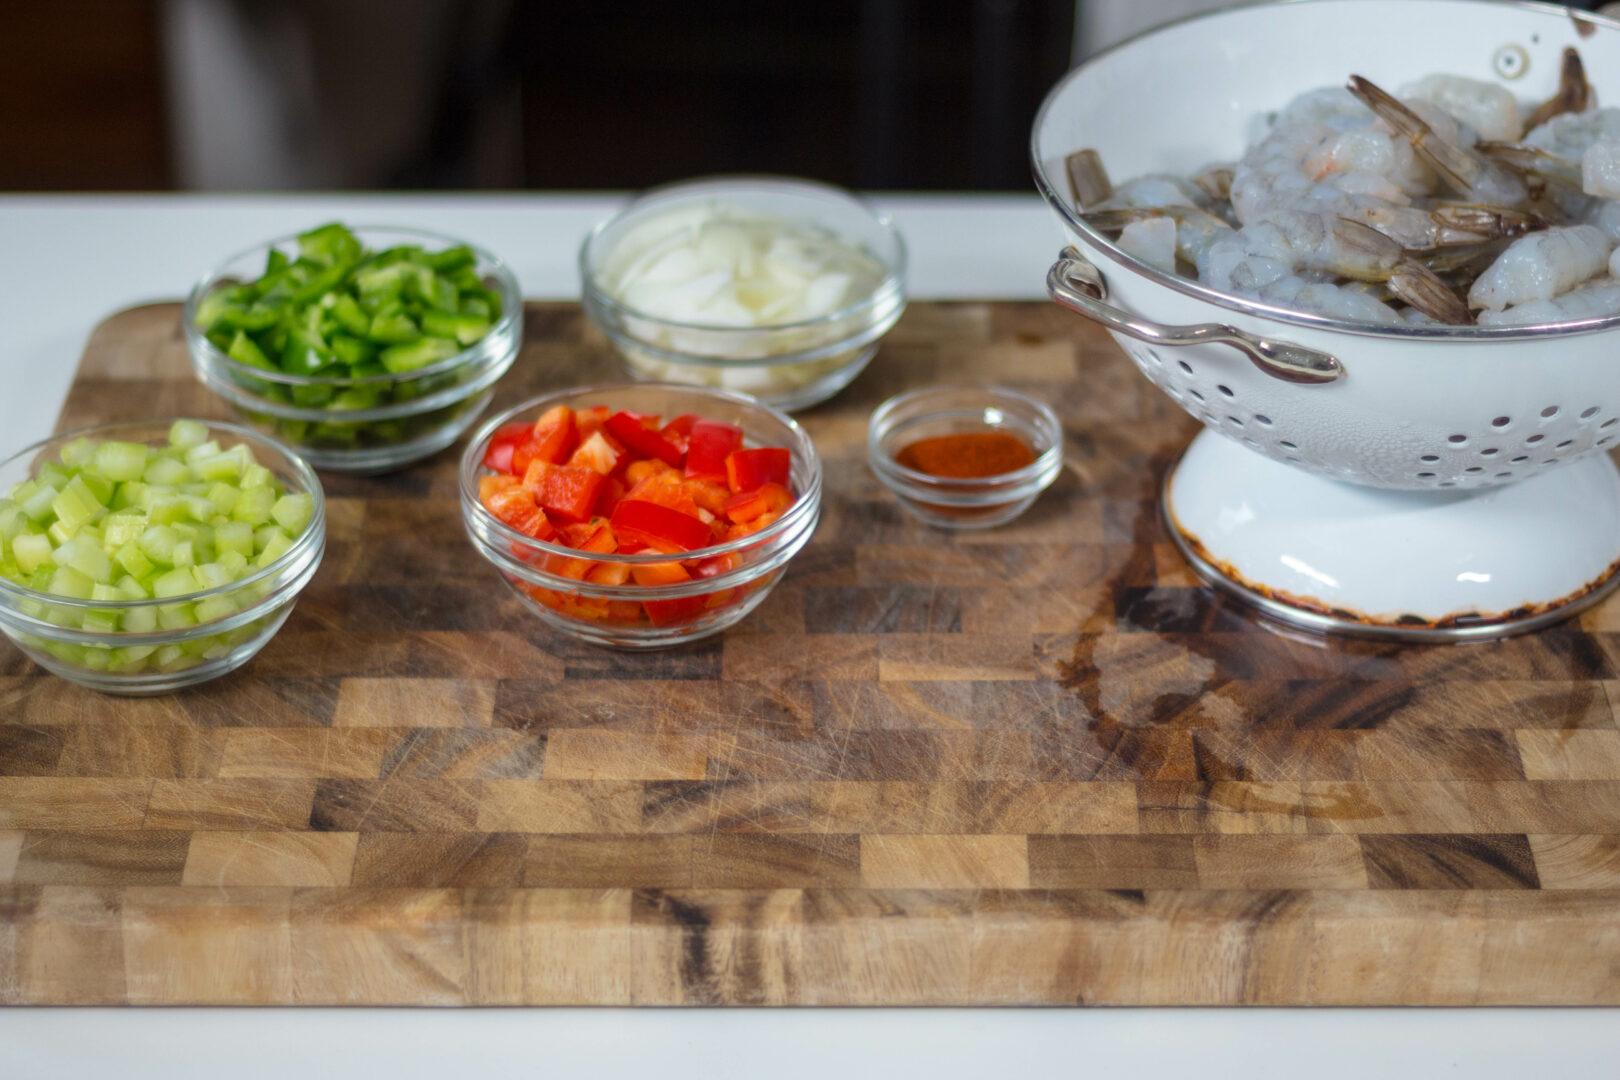 Smothered Shrimp over Polenta by Maya Feller for Seafood Nutrition Partnership